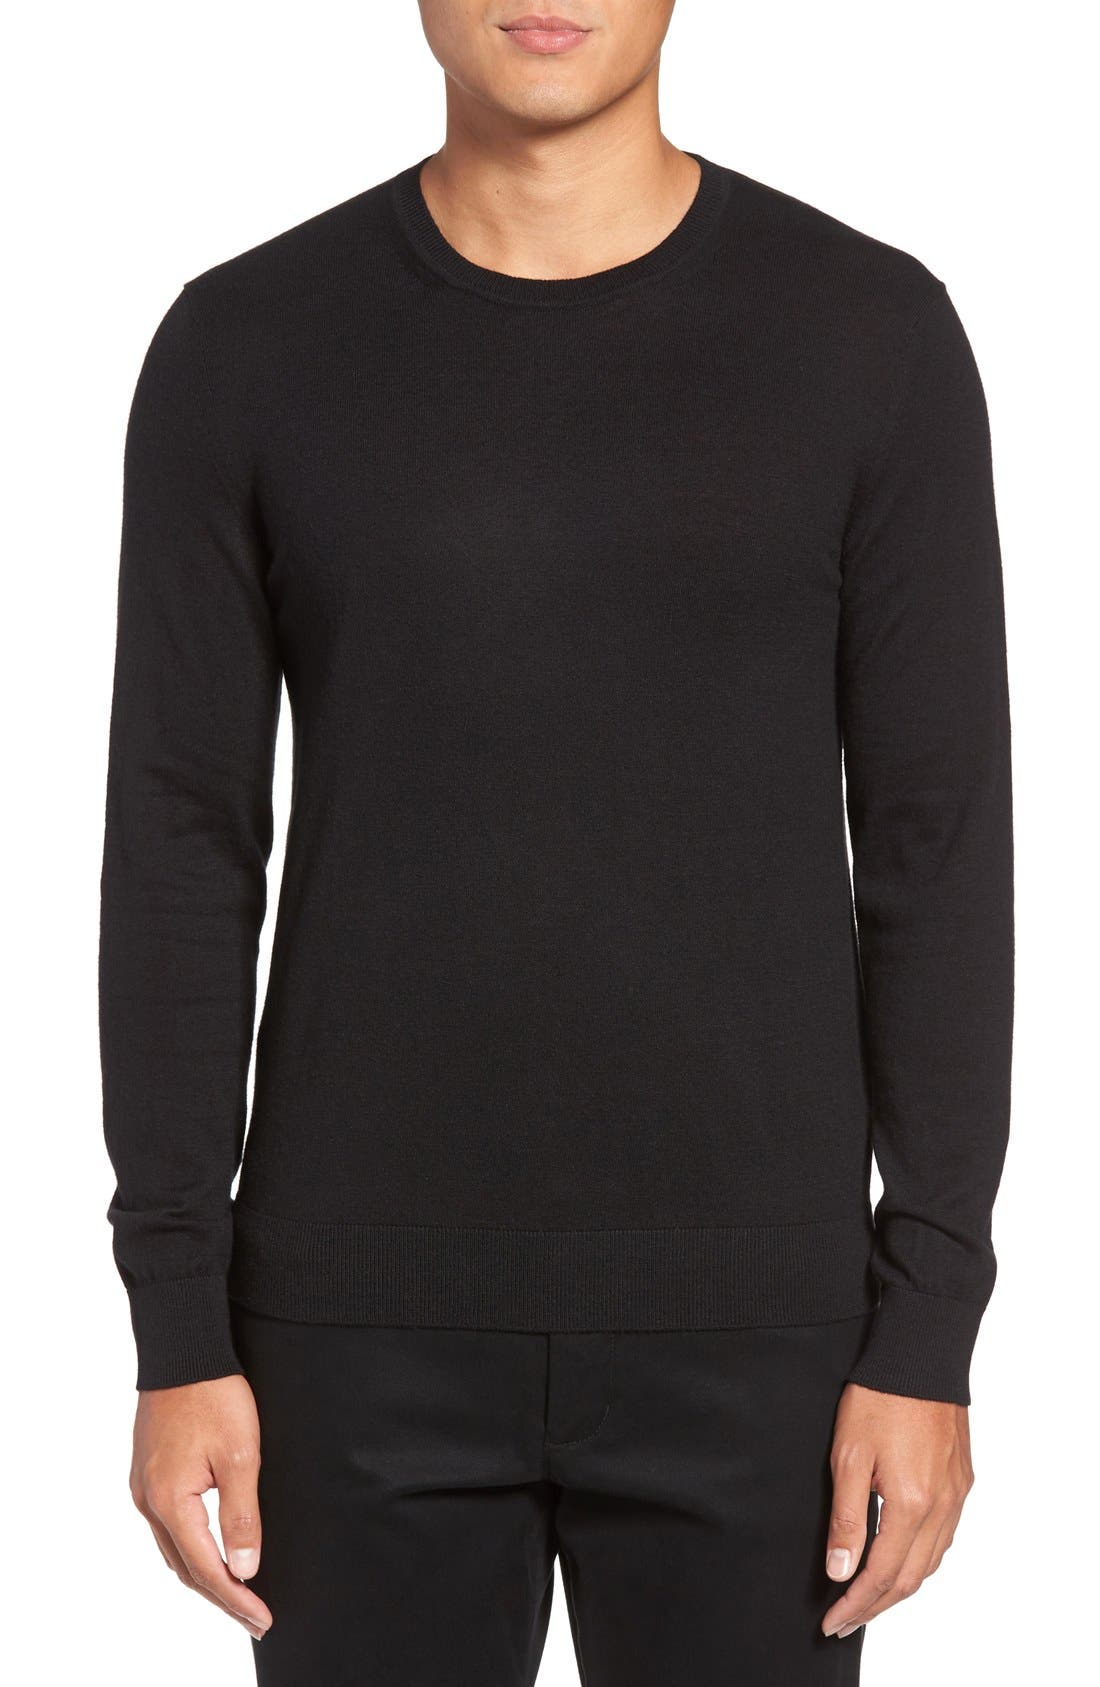 Brit Richmond Cotton & Cashmere Sweater,                             Main thumbnail 1, color,                             001